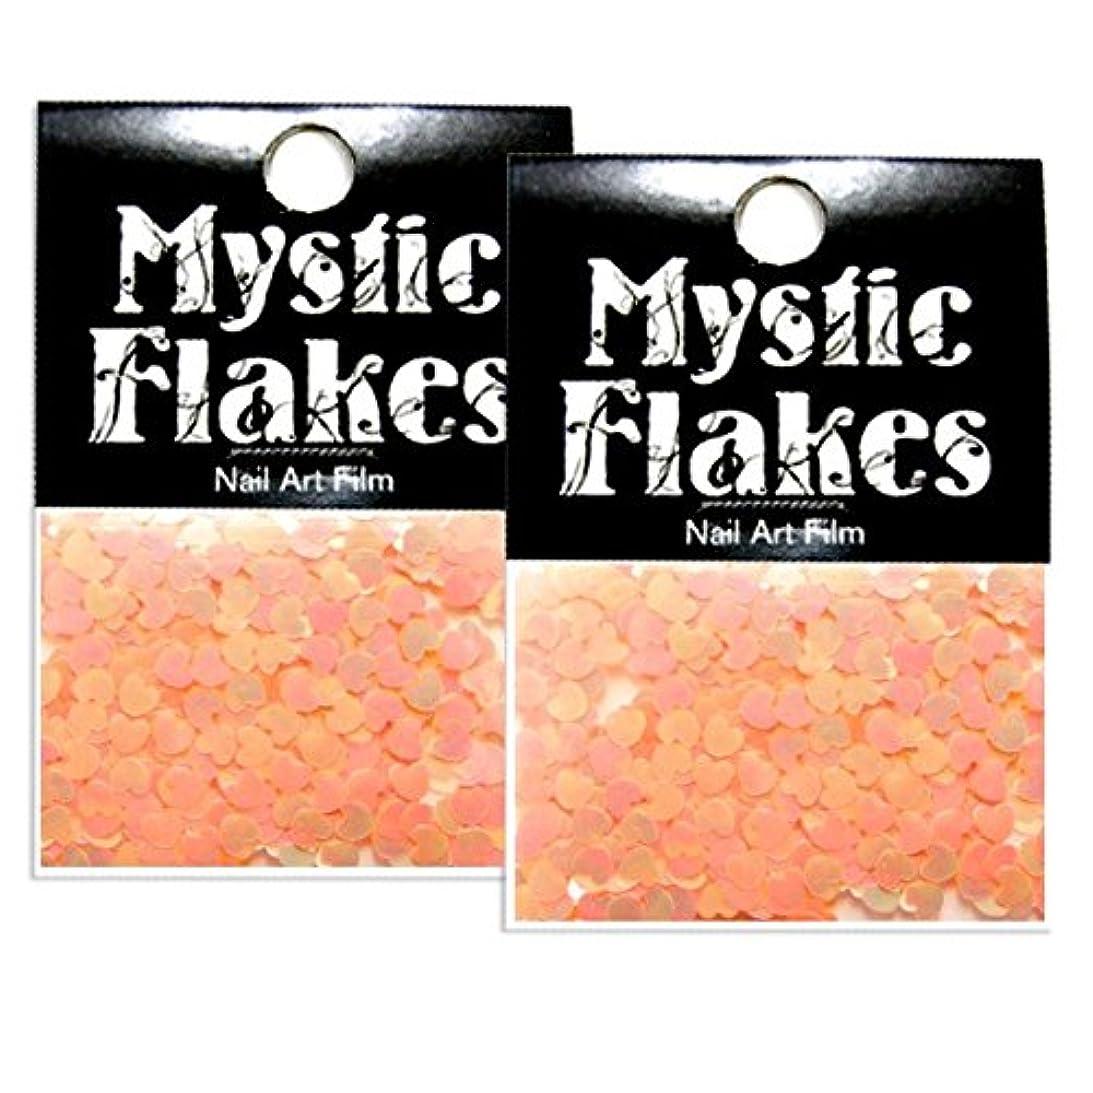 物理的に地理小学生ミスティックフレース ネイル用ストーン ルミネオレンジ ミニハート 0.5g 2個セット